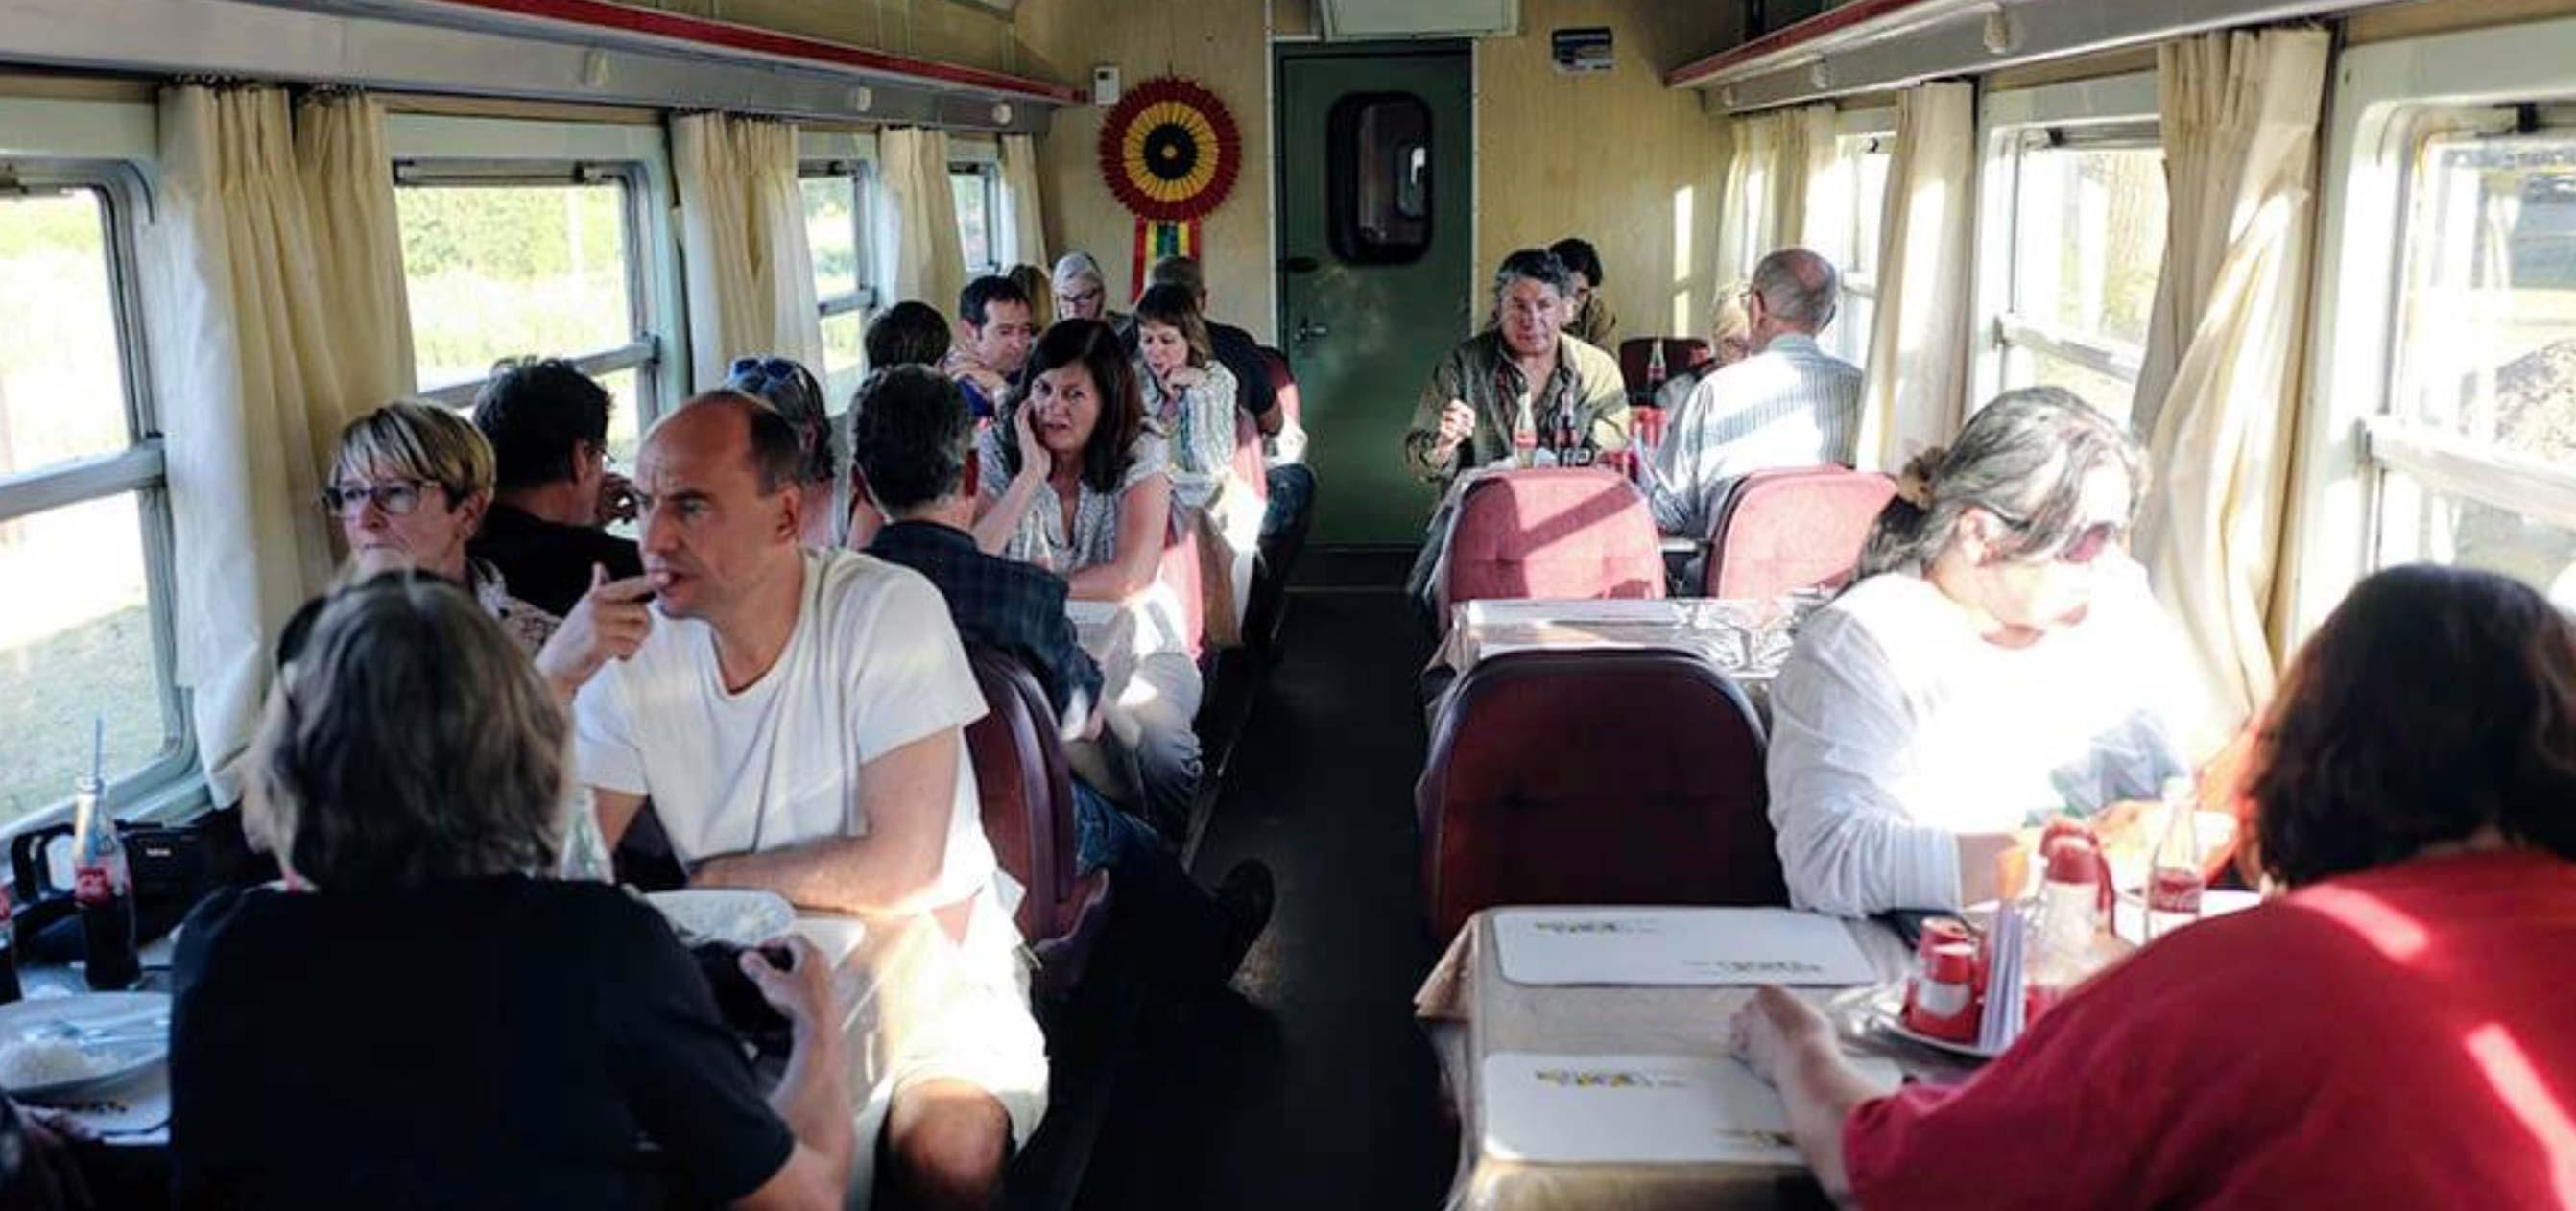 Dining Car Wara Wara Express